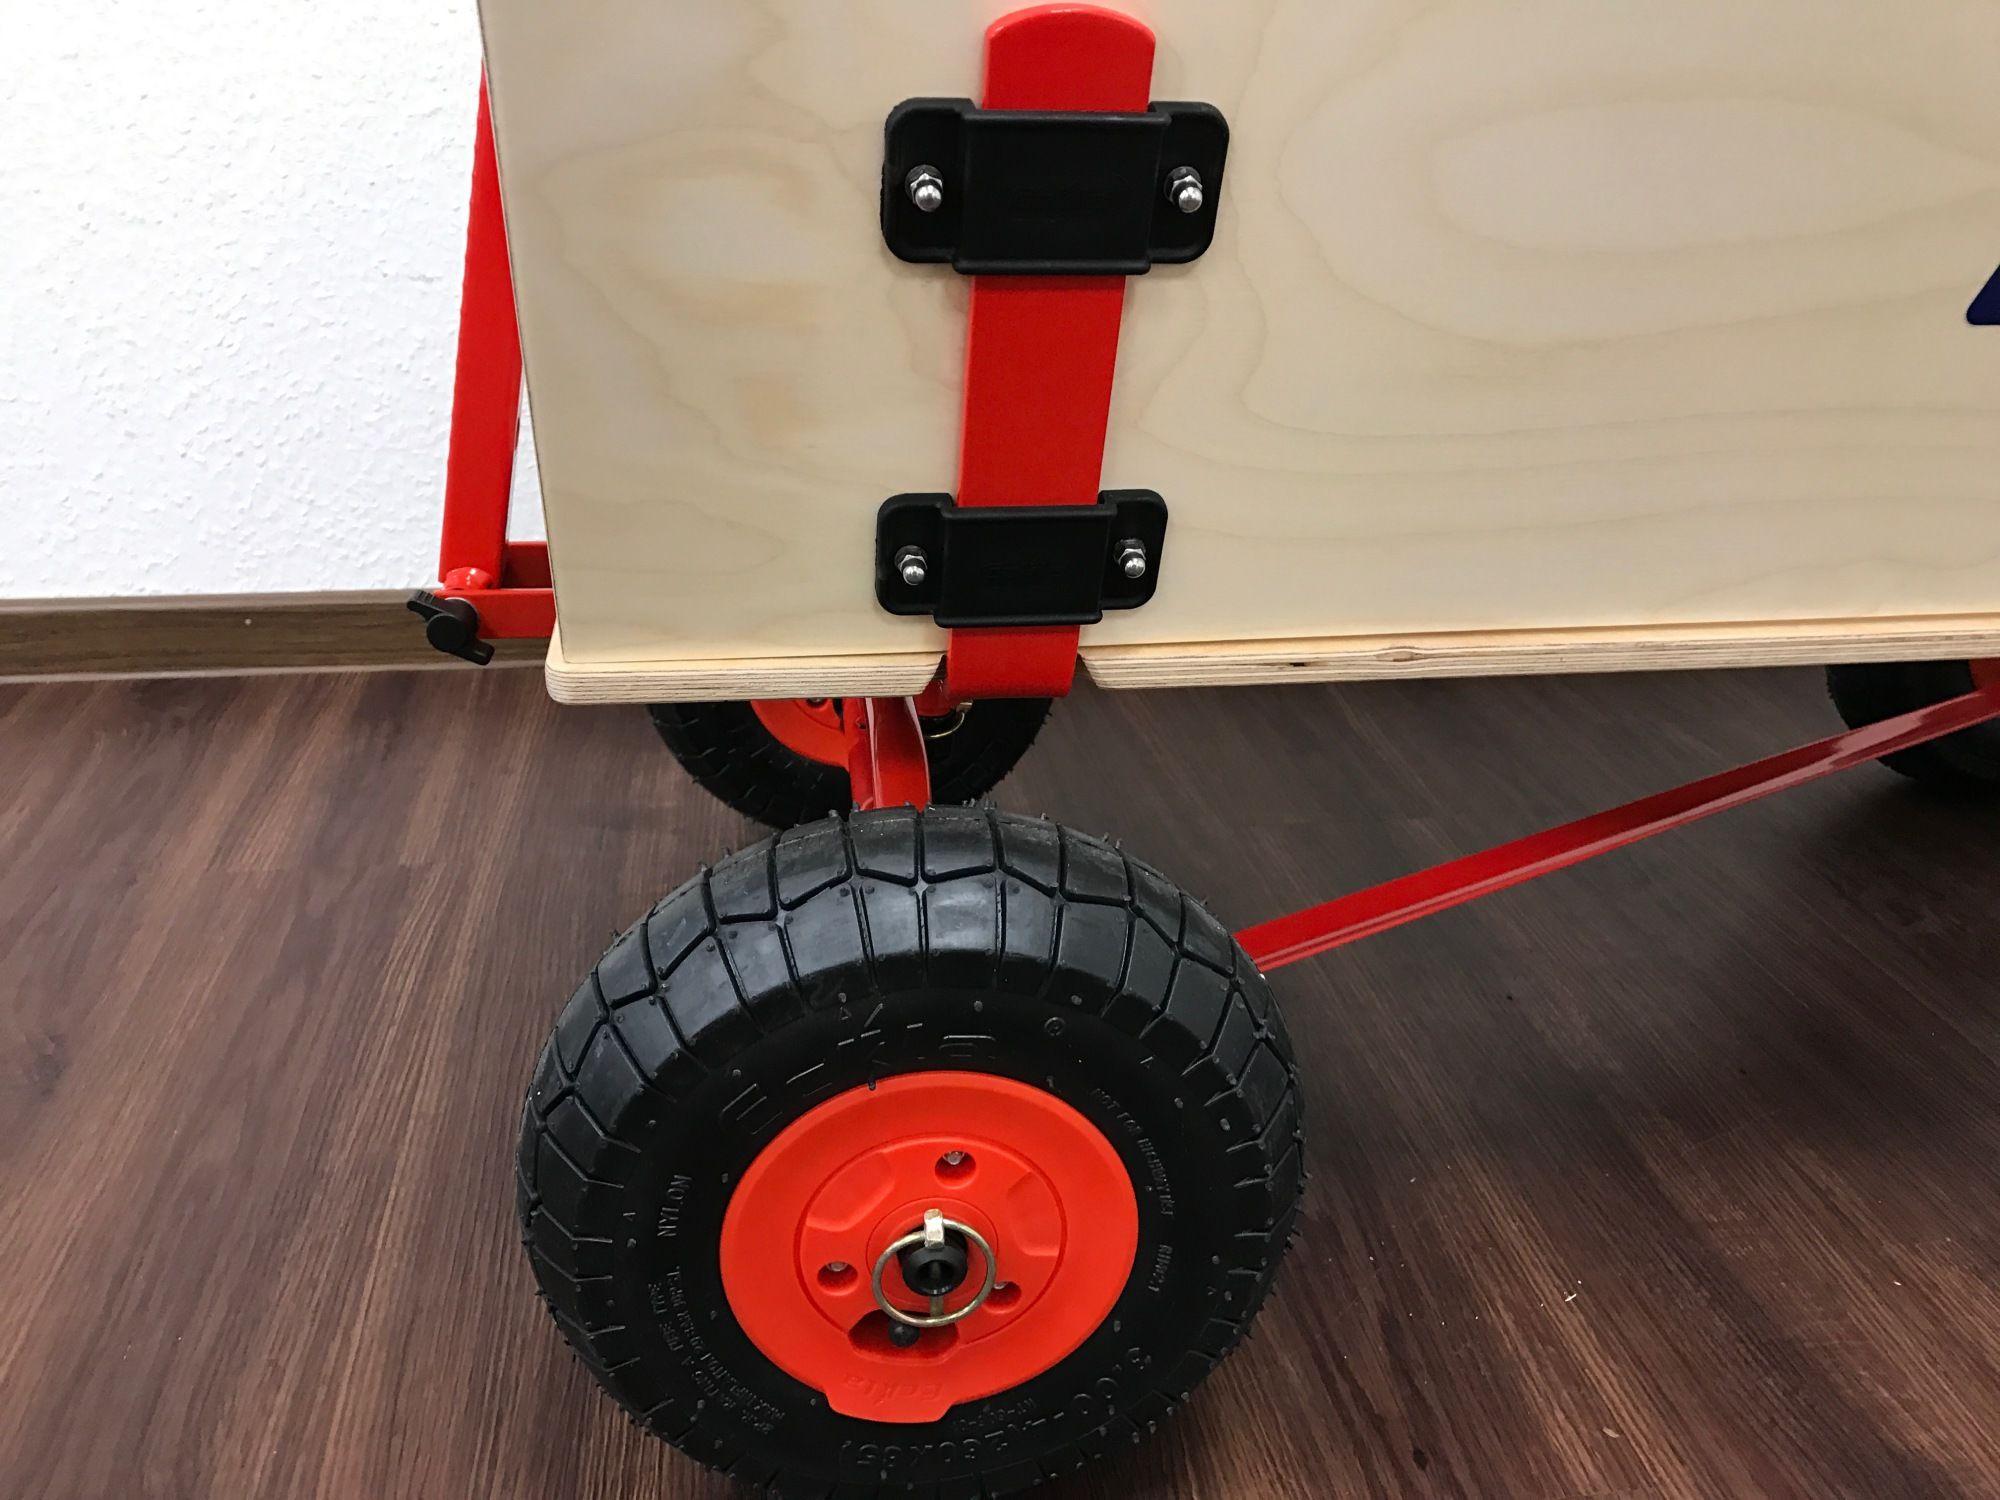 Eckla Trak Long Fun Bollerwagen mit pannensicheren Reifen